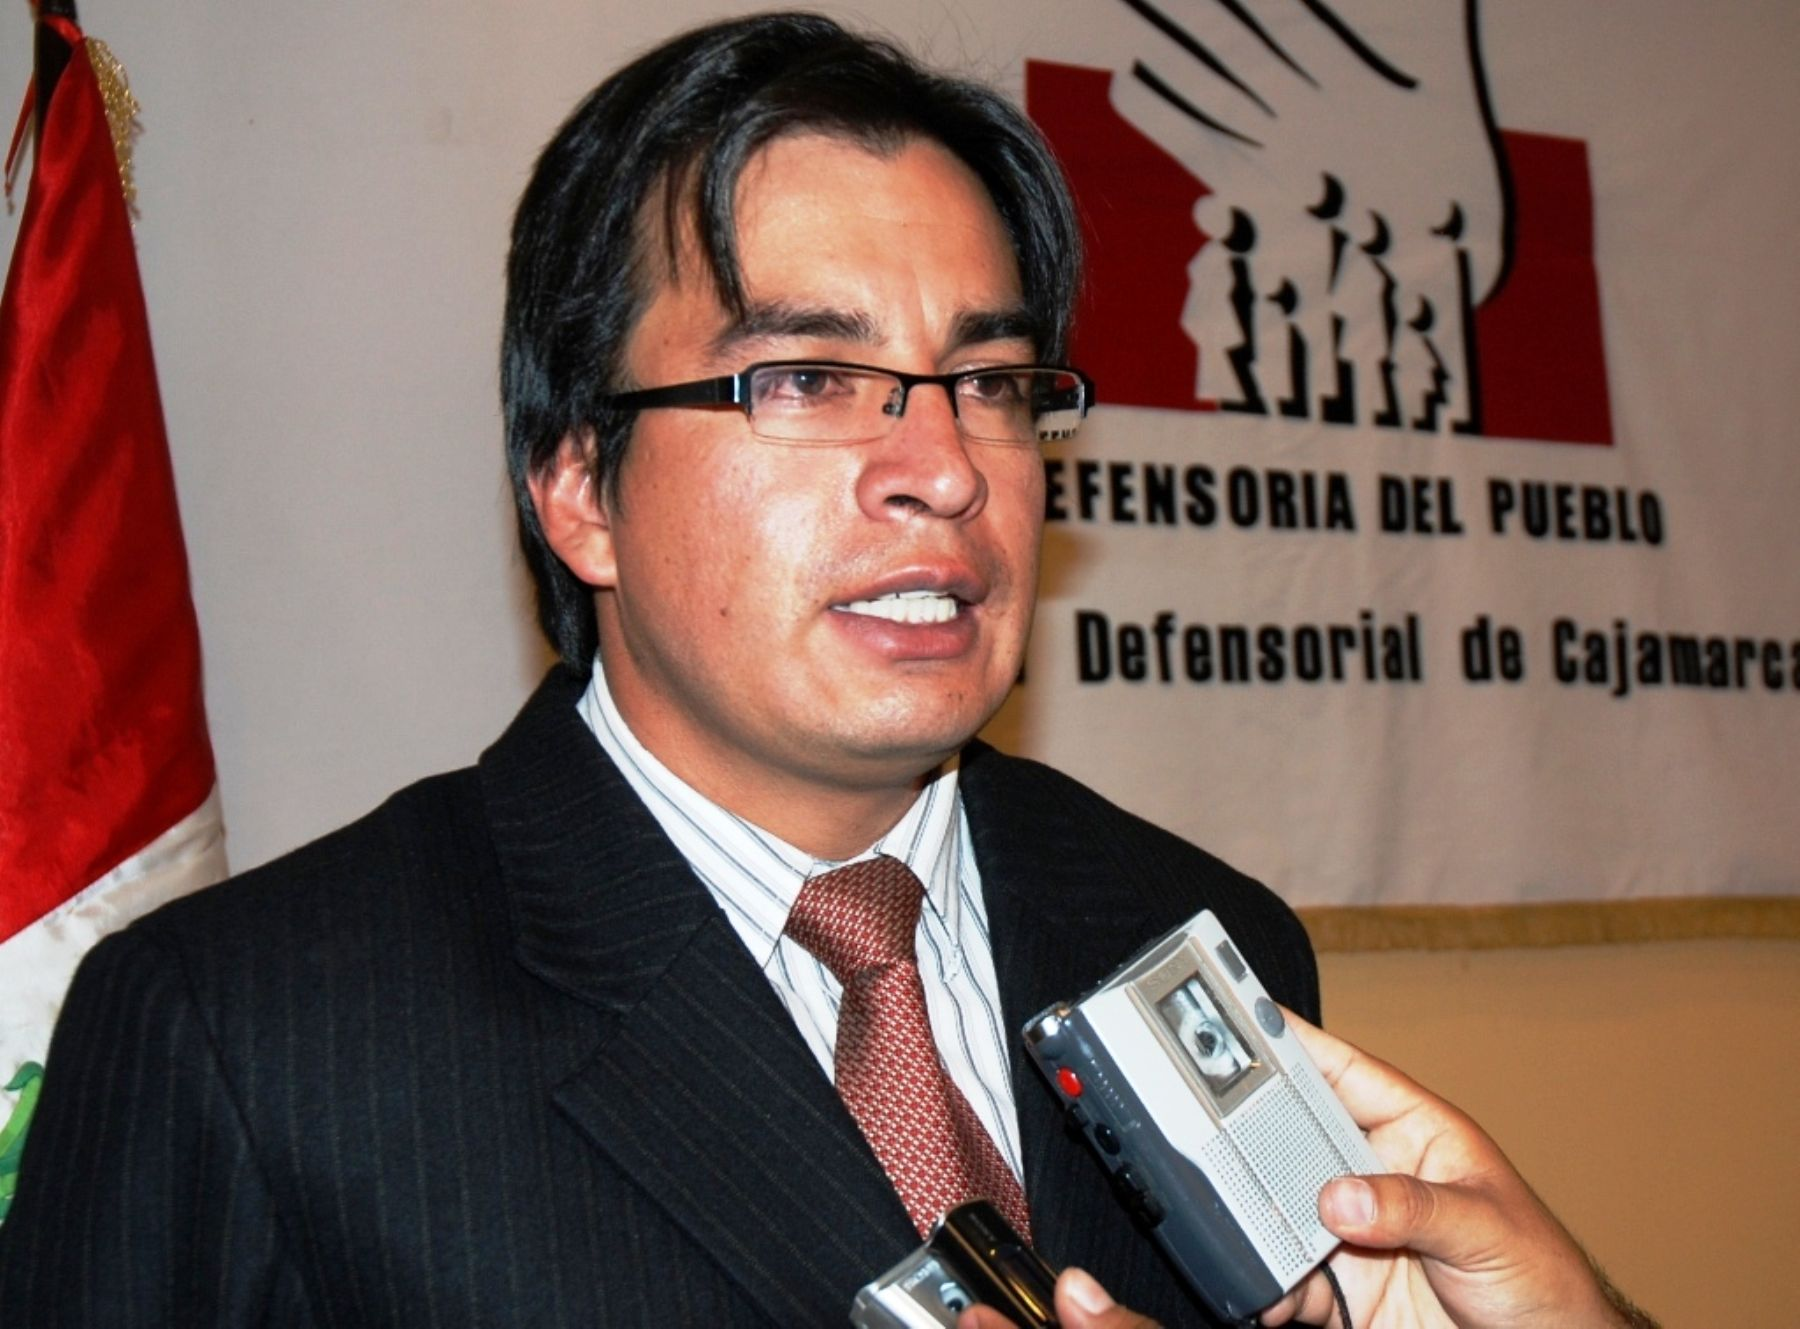 Resultado de imagen para Agustín Moreno DEFENSORIA